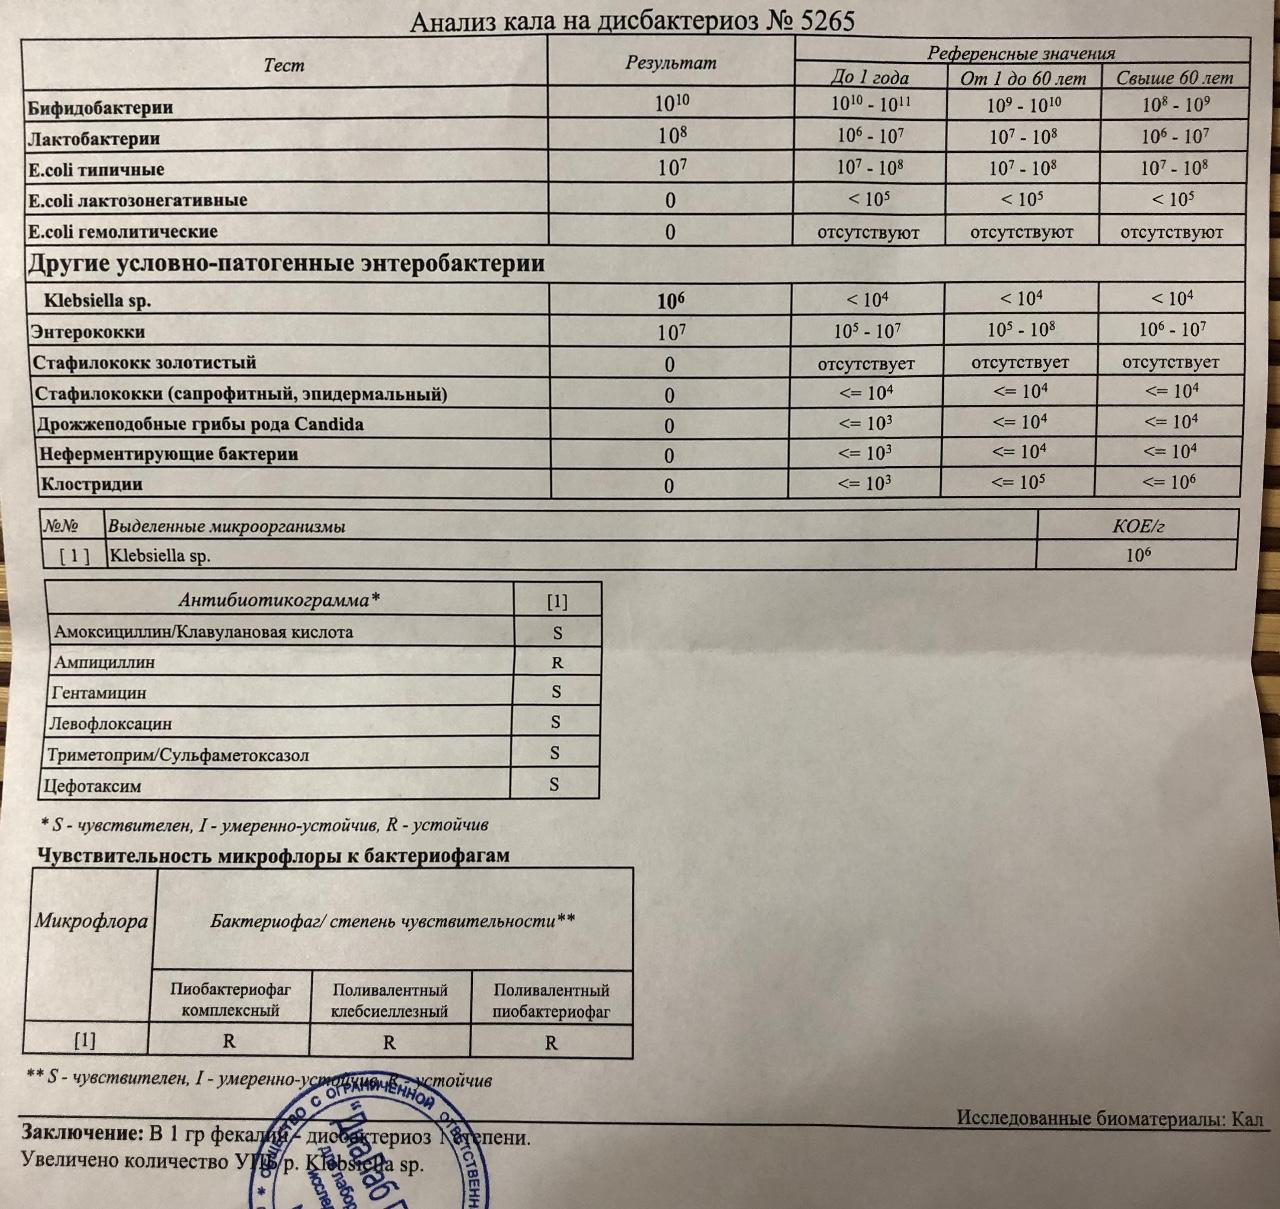 Симптомы и лечение дисбактериоза у детей, причины, анализ кала